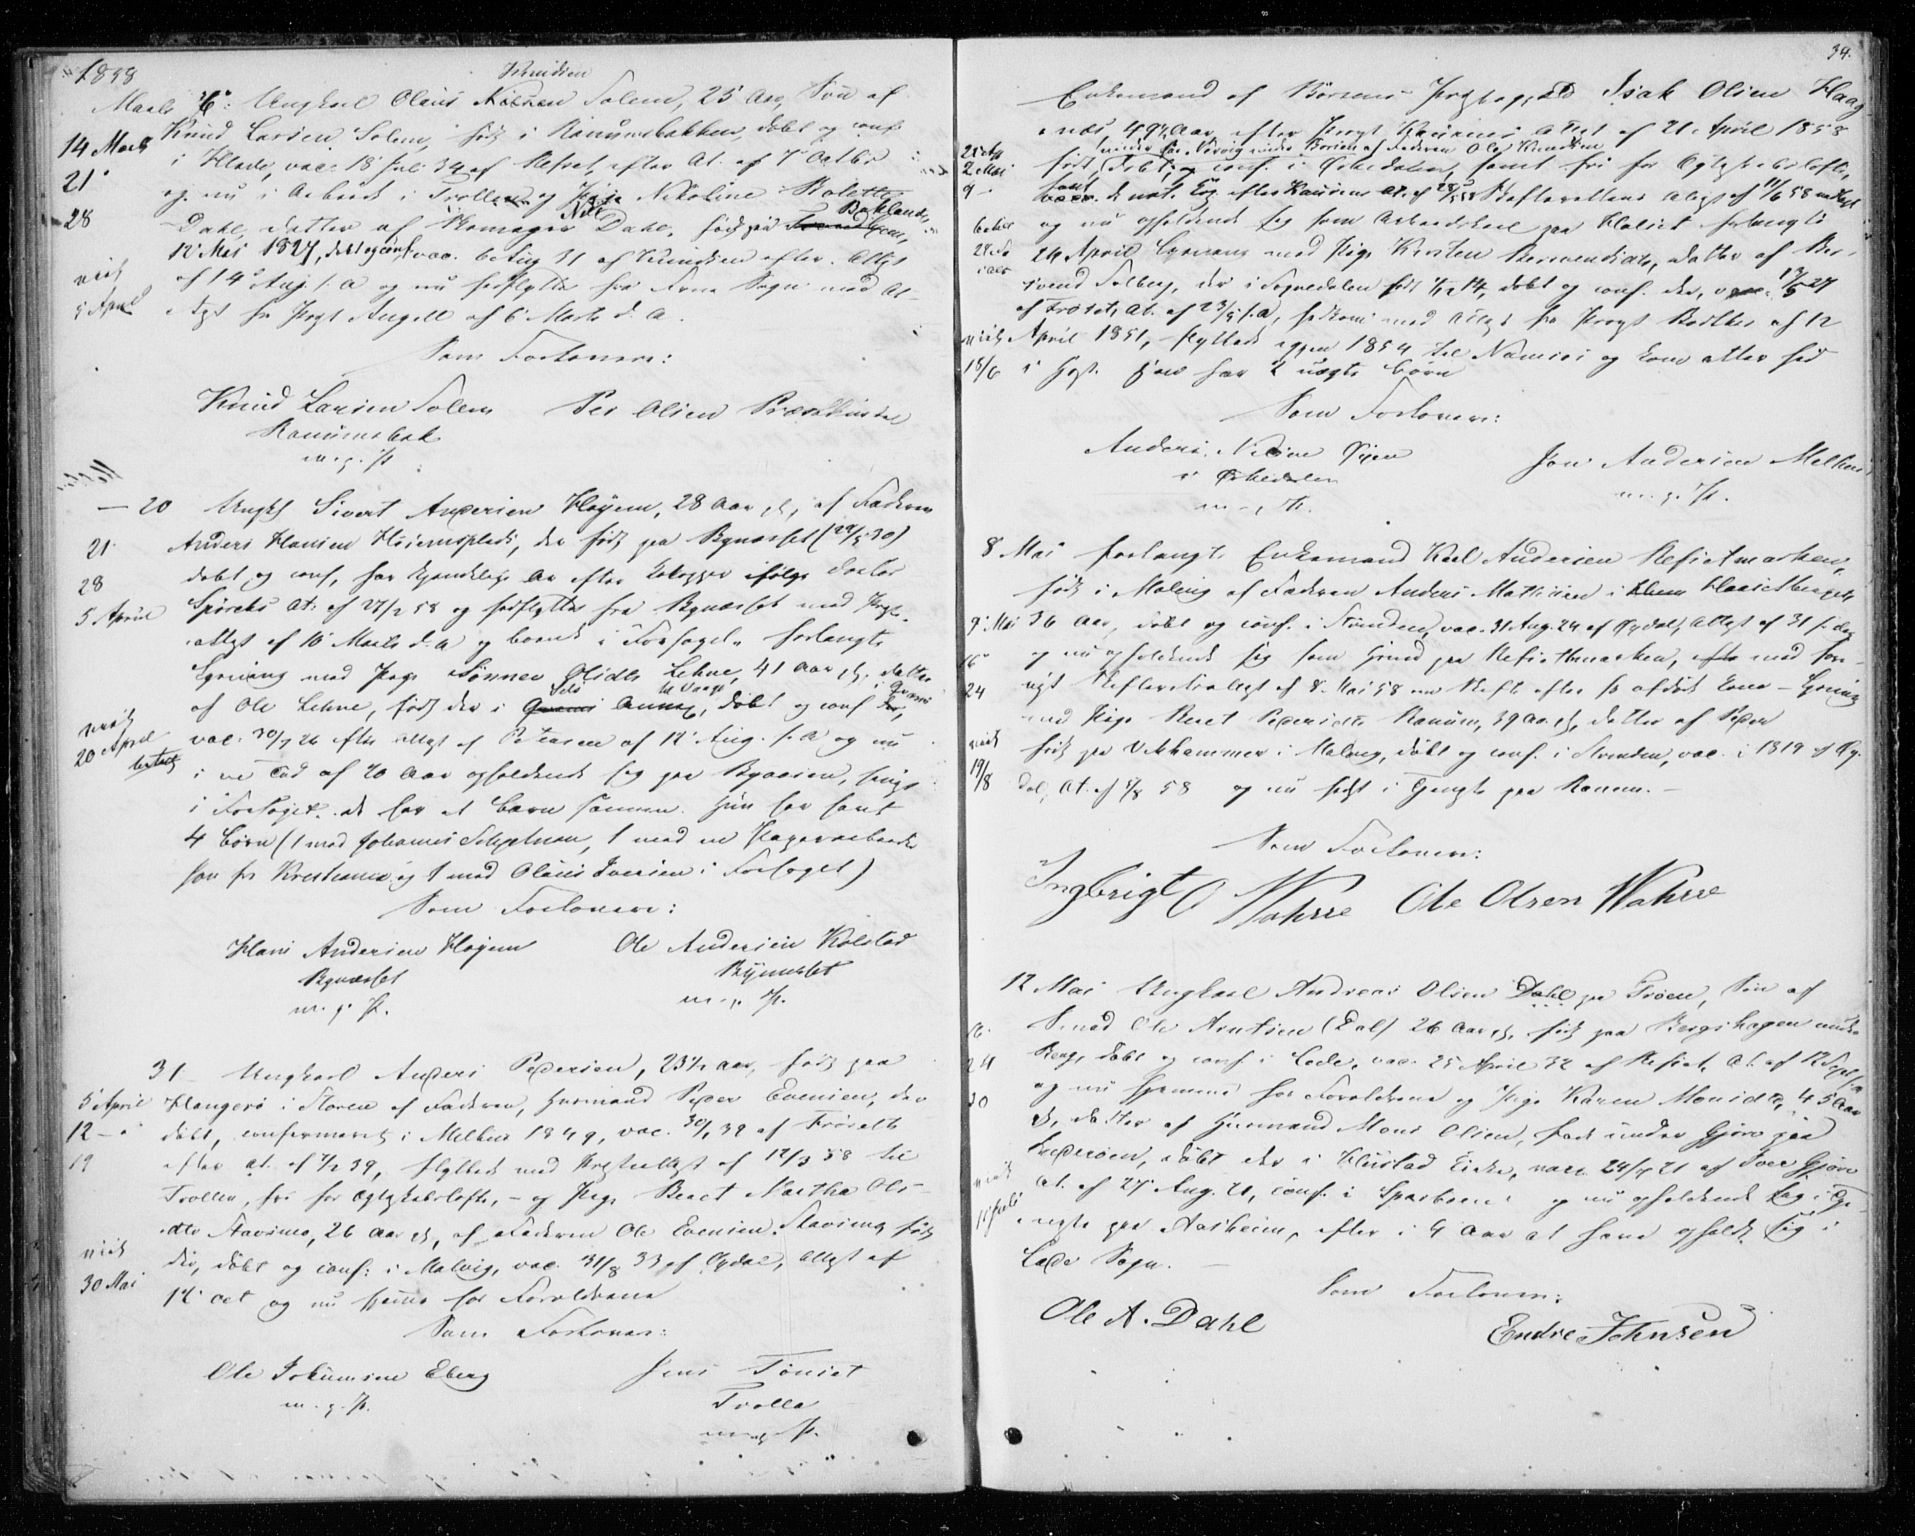 SAT, Ministerialprotokoller, klokkerbøker og fødselsregistre - Sør-Trøndelag, 606/L0297: Lysningsprotokoll nr. 606A12, 1854-1861, s. 34